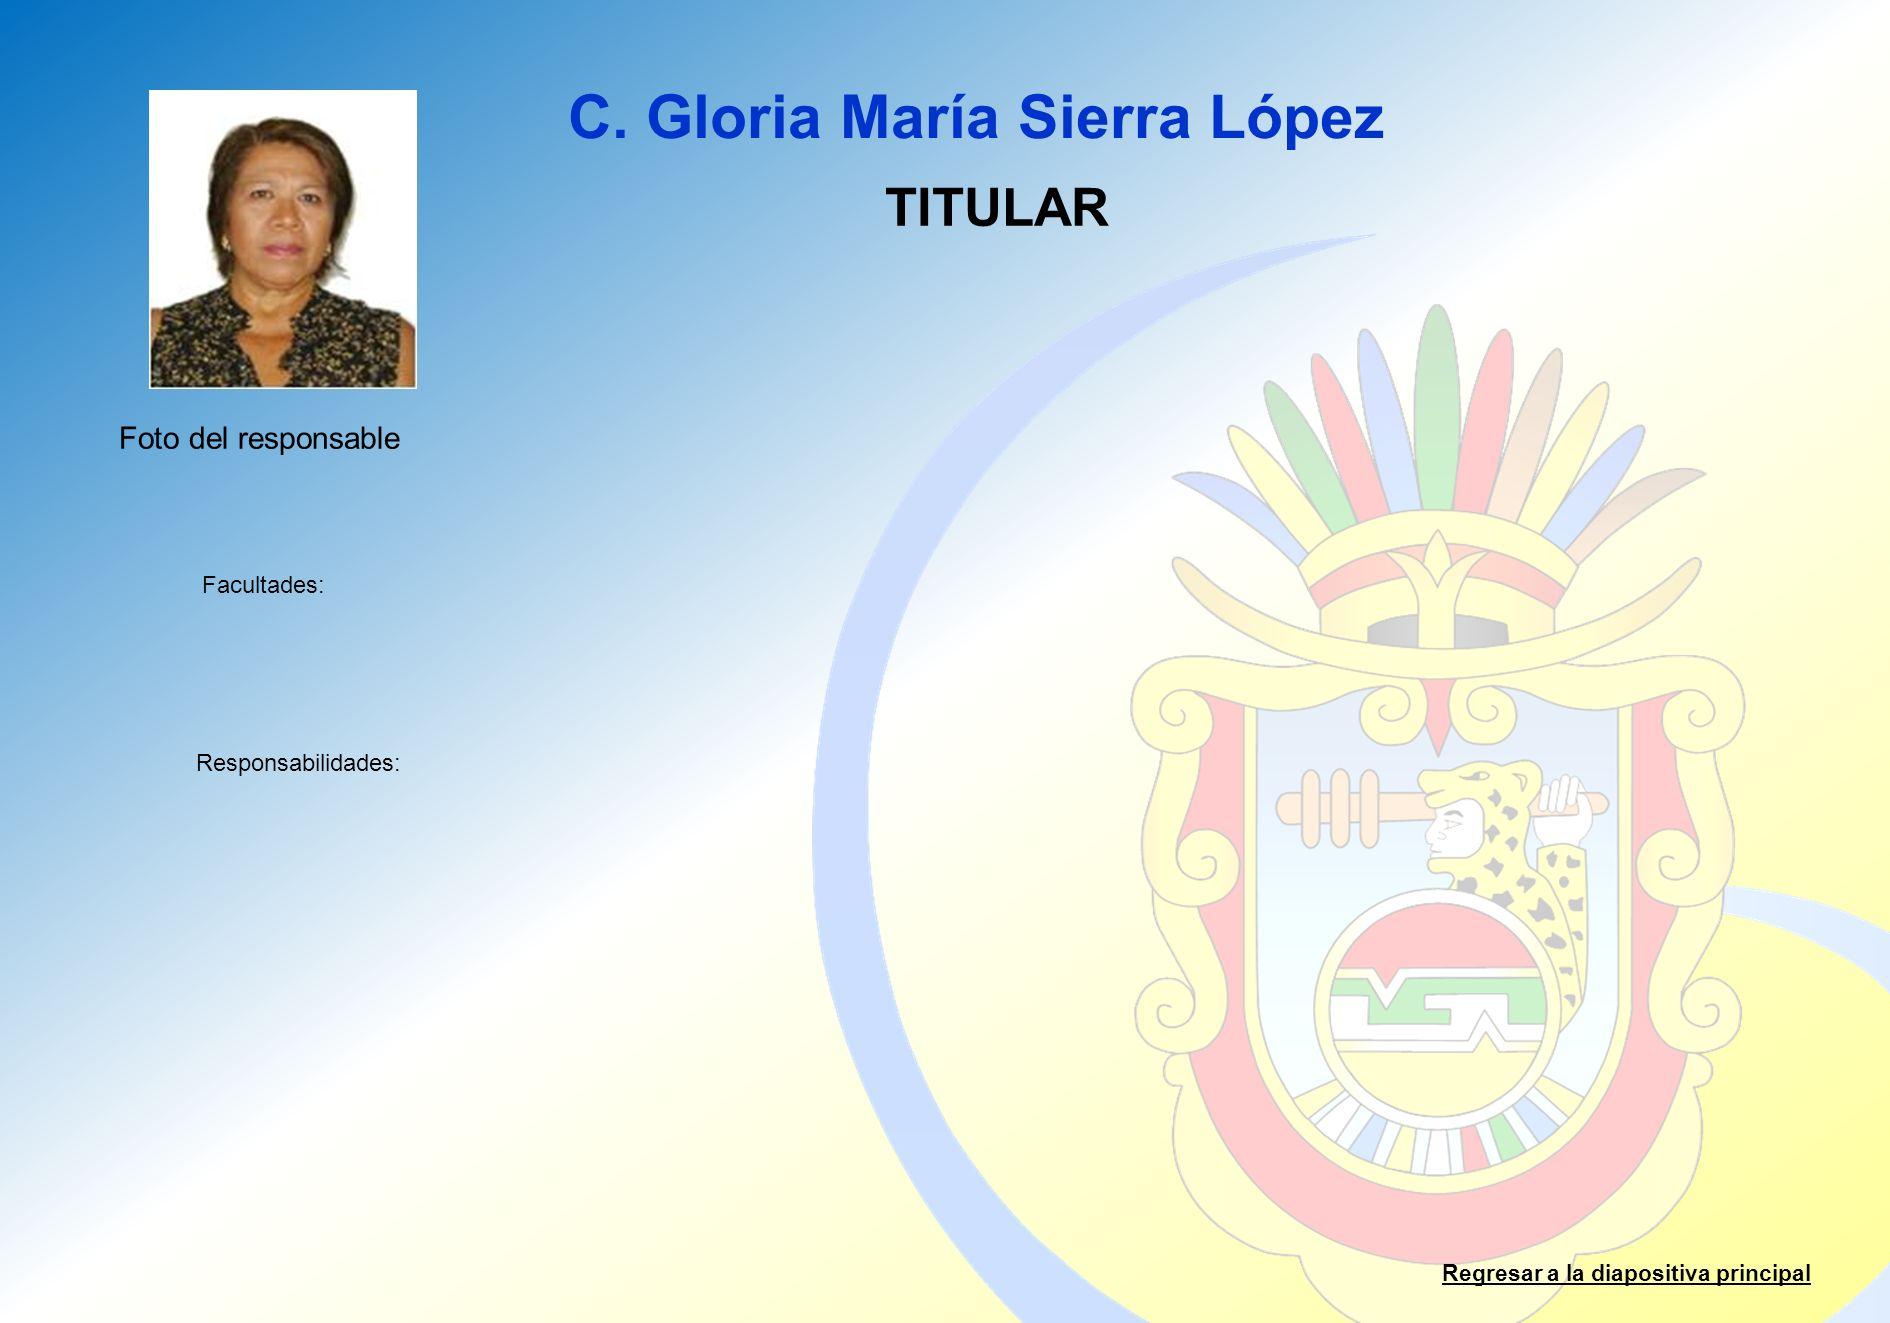 C. Gloria María Sierra López